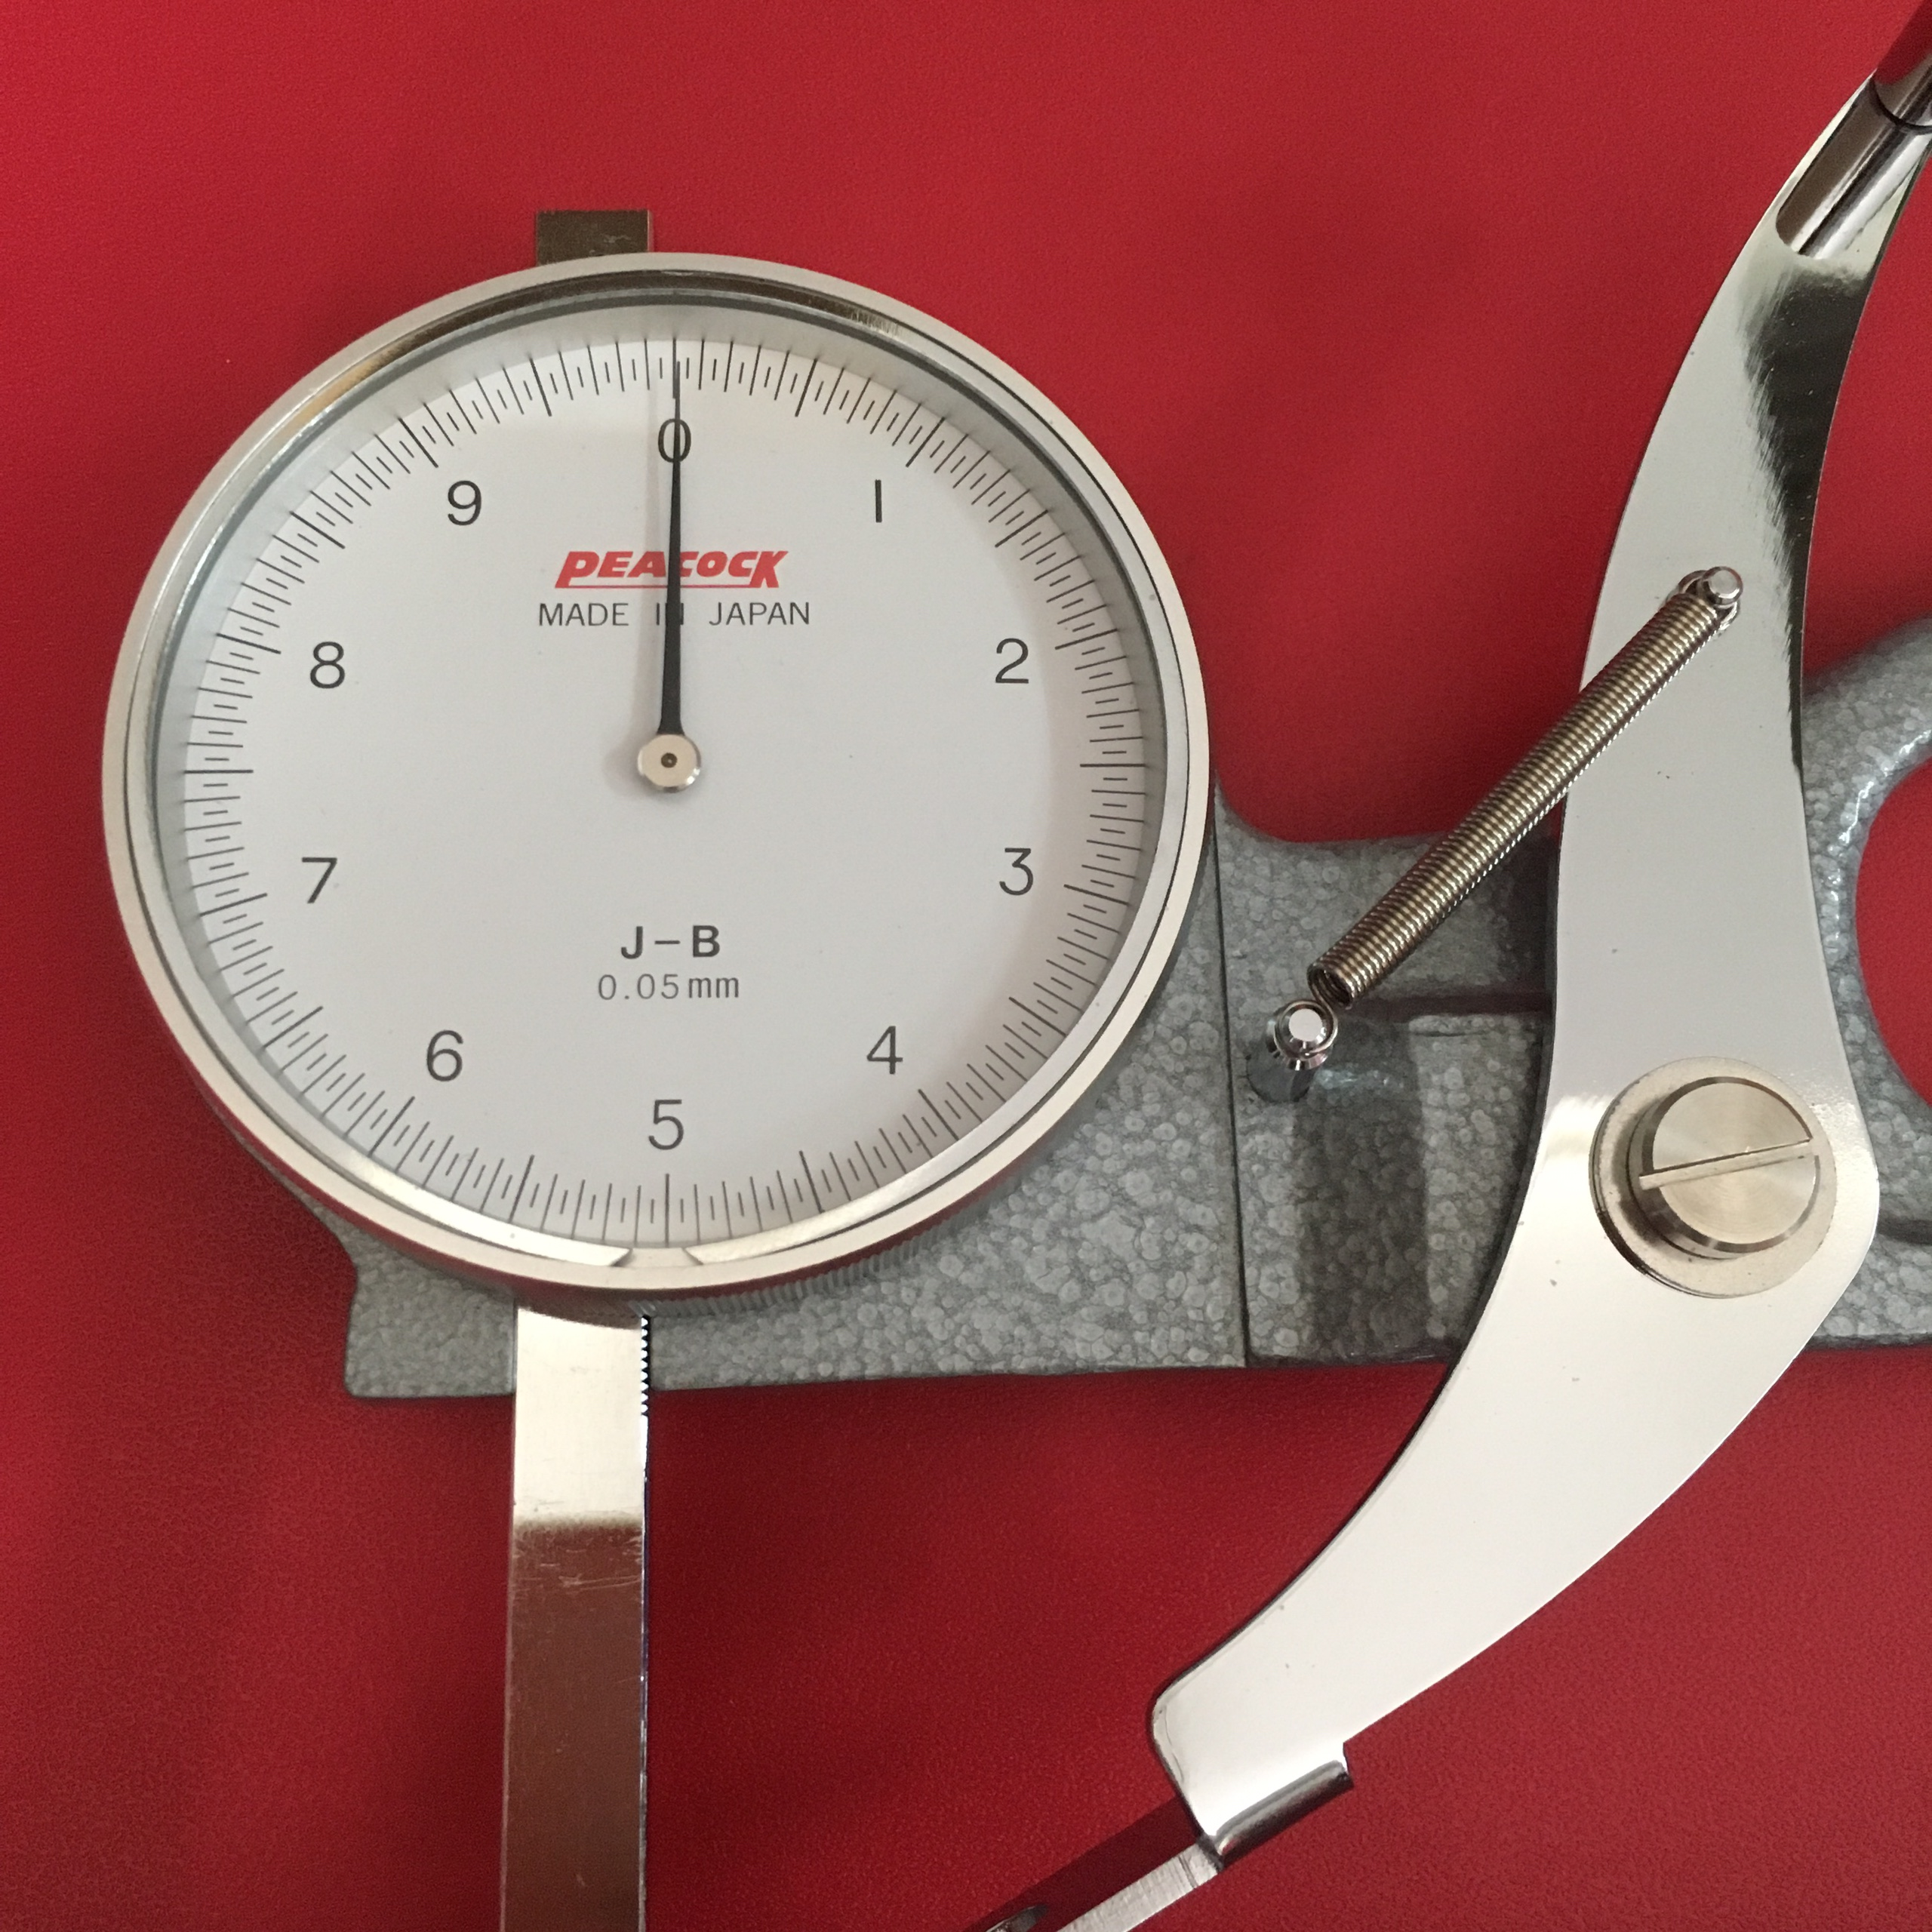 Đồng hồ đo độ dày 35x0.05mm  J-B (50mm) PEACOCK